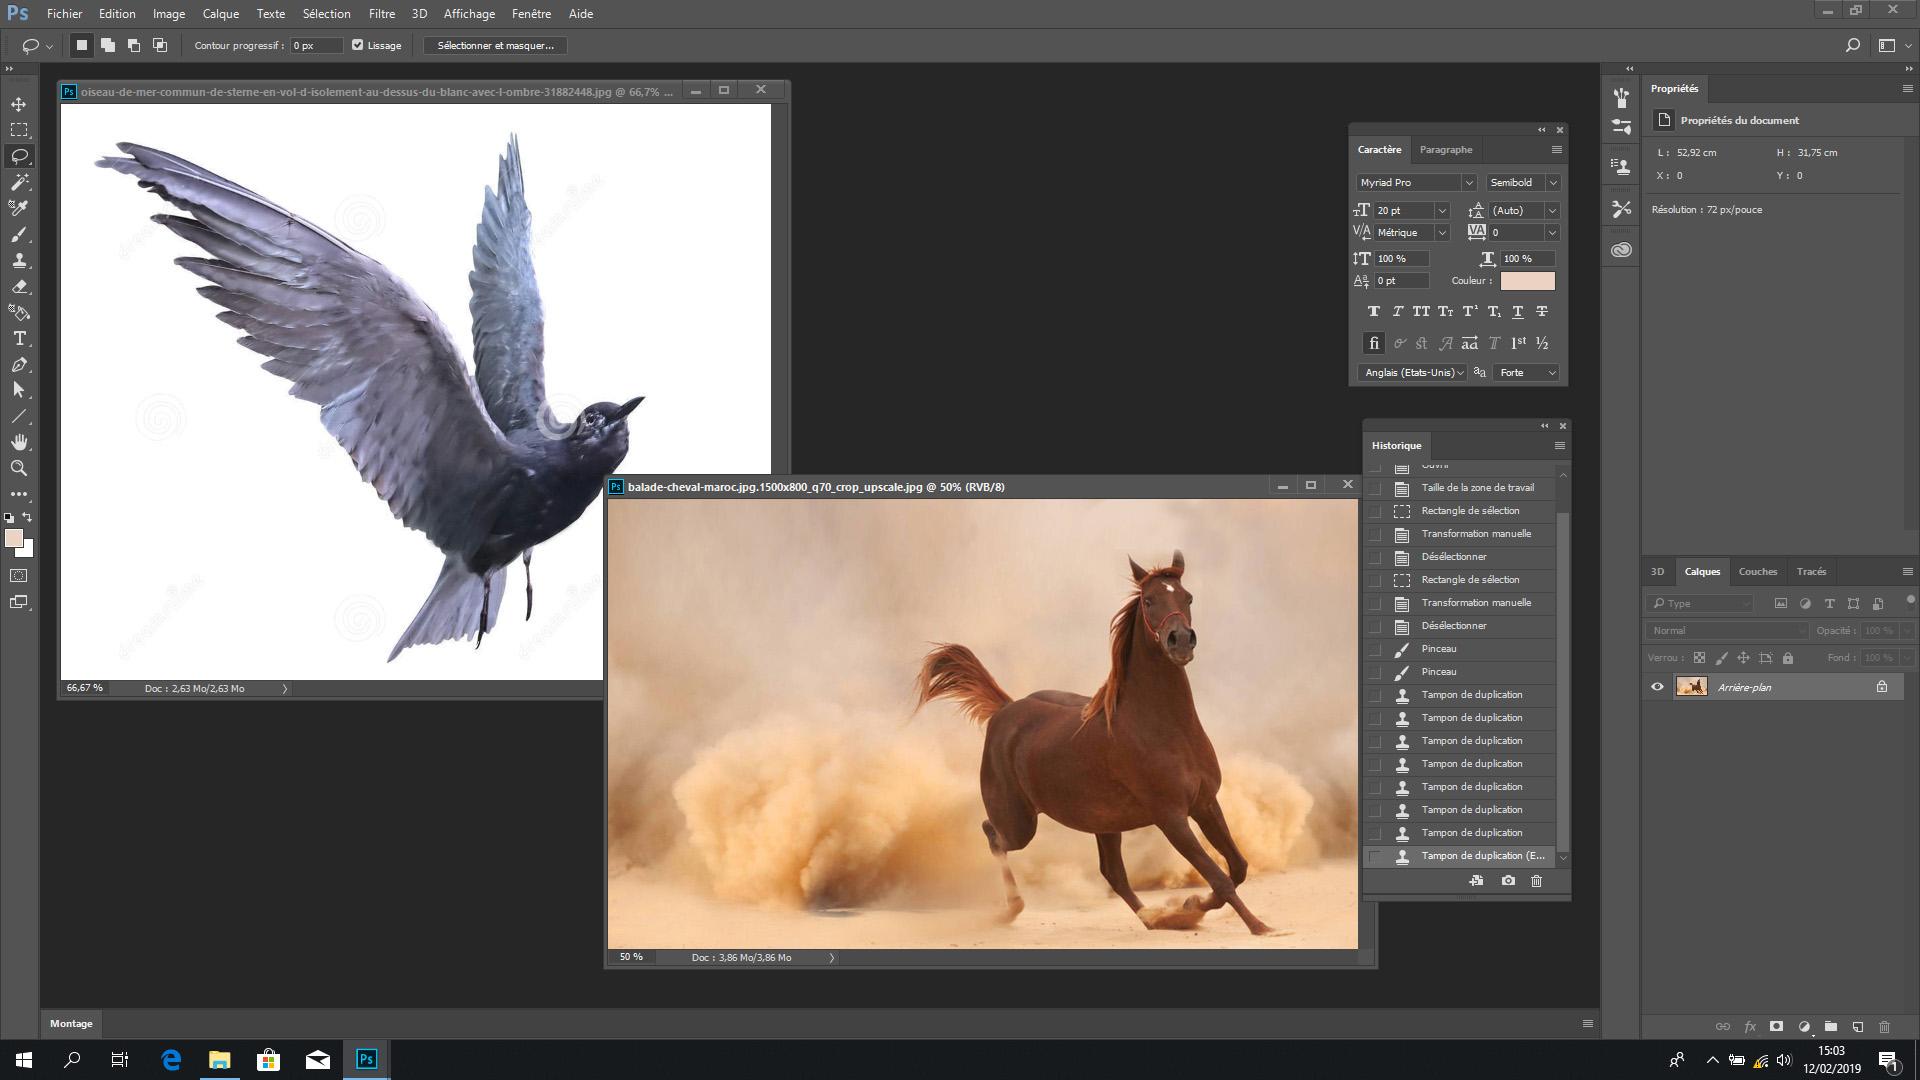 Tady jsou dva obrázky ze stejné perspektivy, jaké jsem si vybral pro tuto montáž Photoshopu